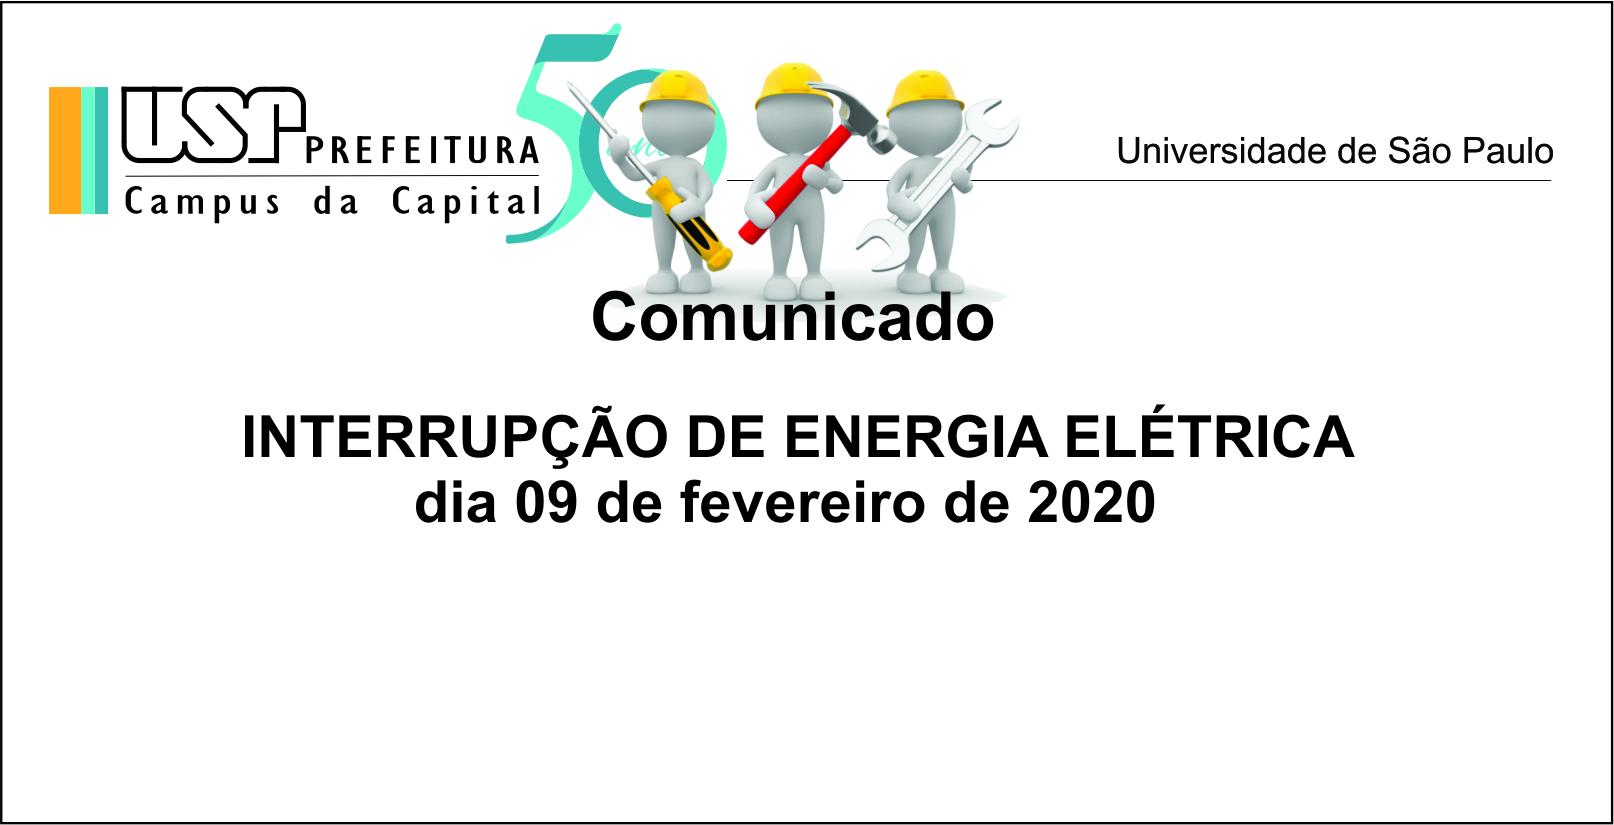 Interrupção de energia 09 de fevereiro 2020